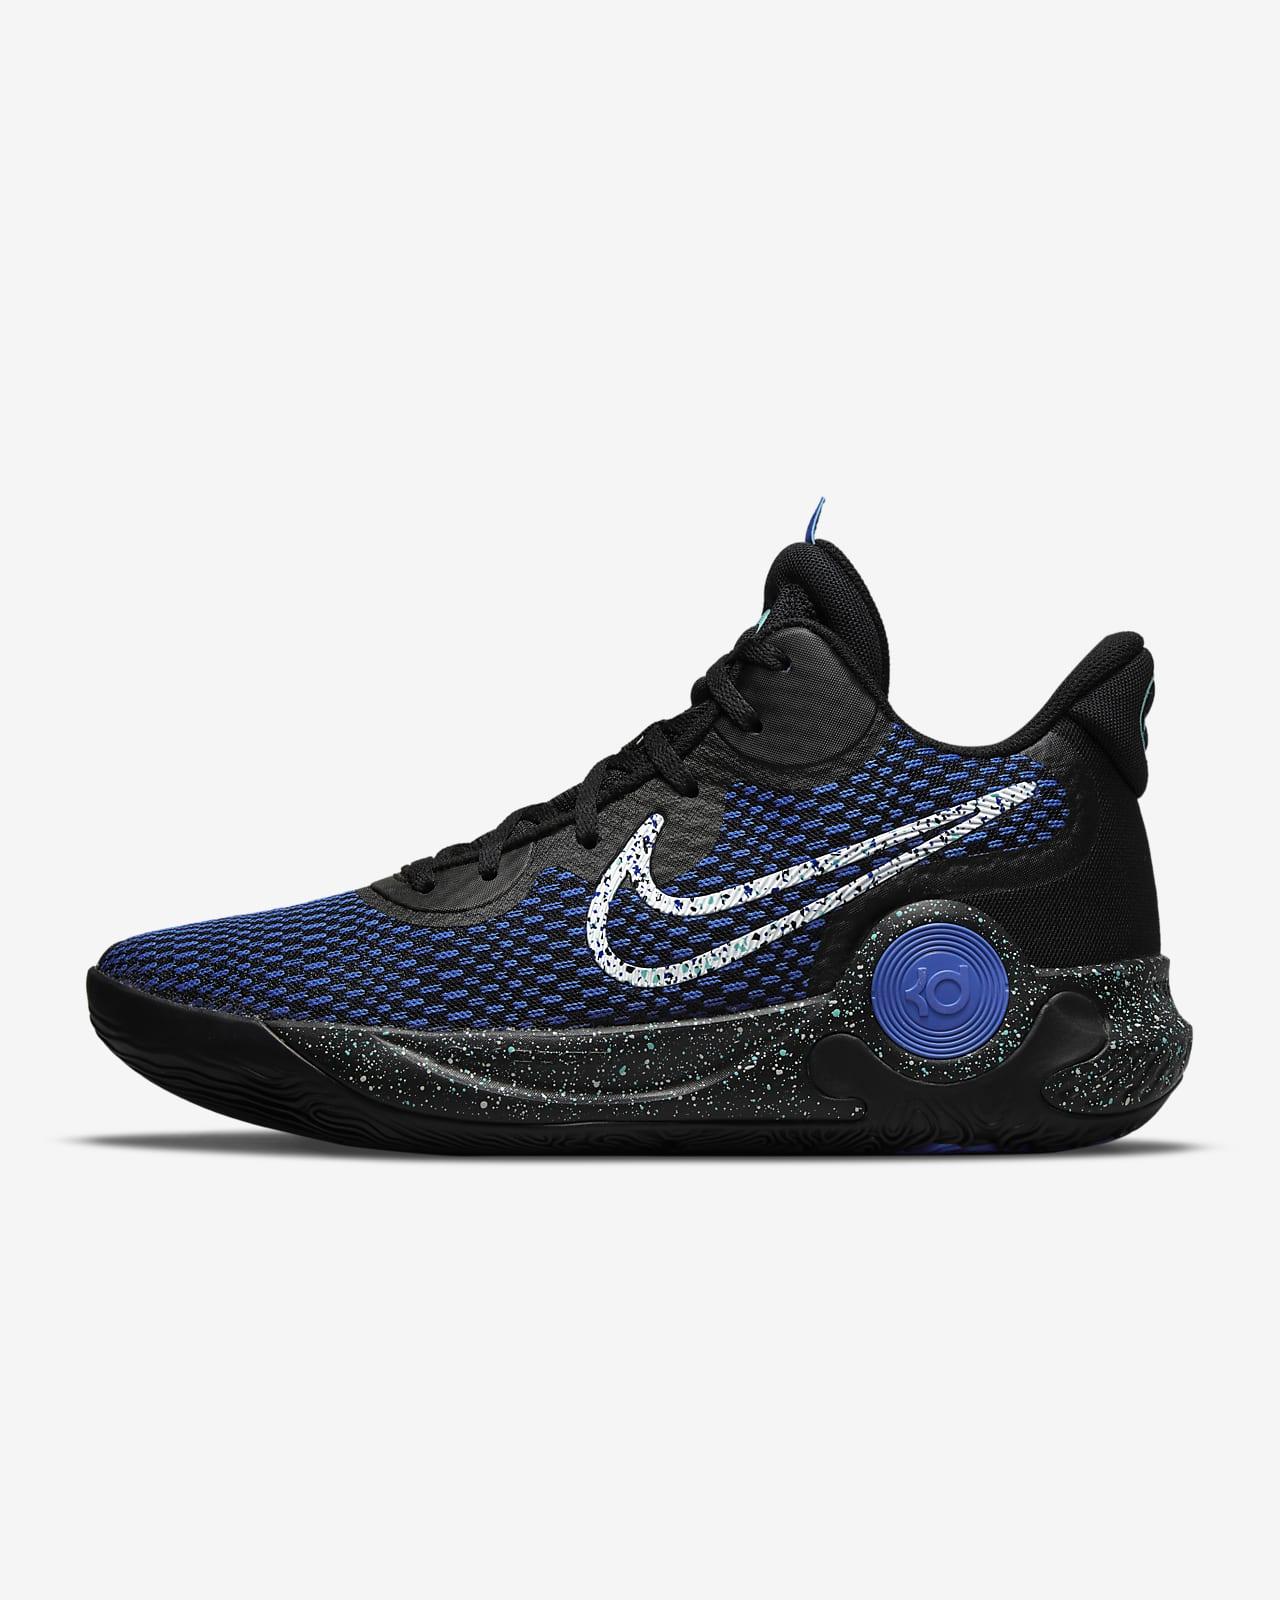 Παπούτσι μπάσκετ KD Trey 5 IX